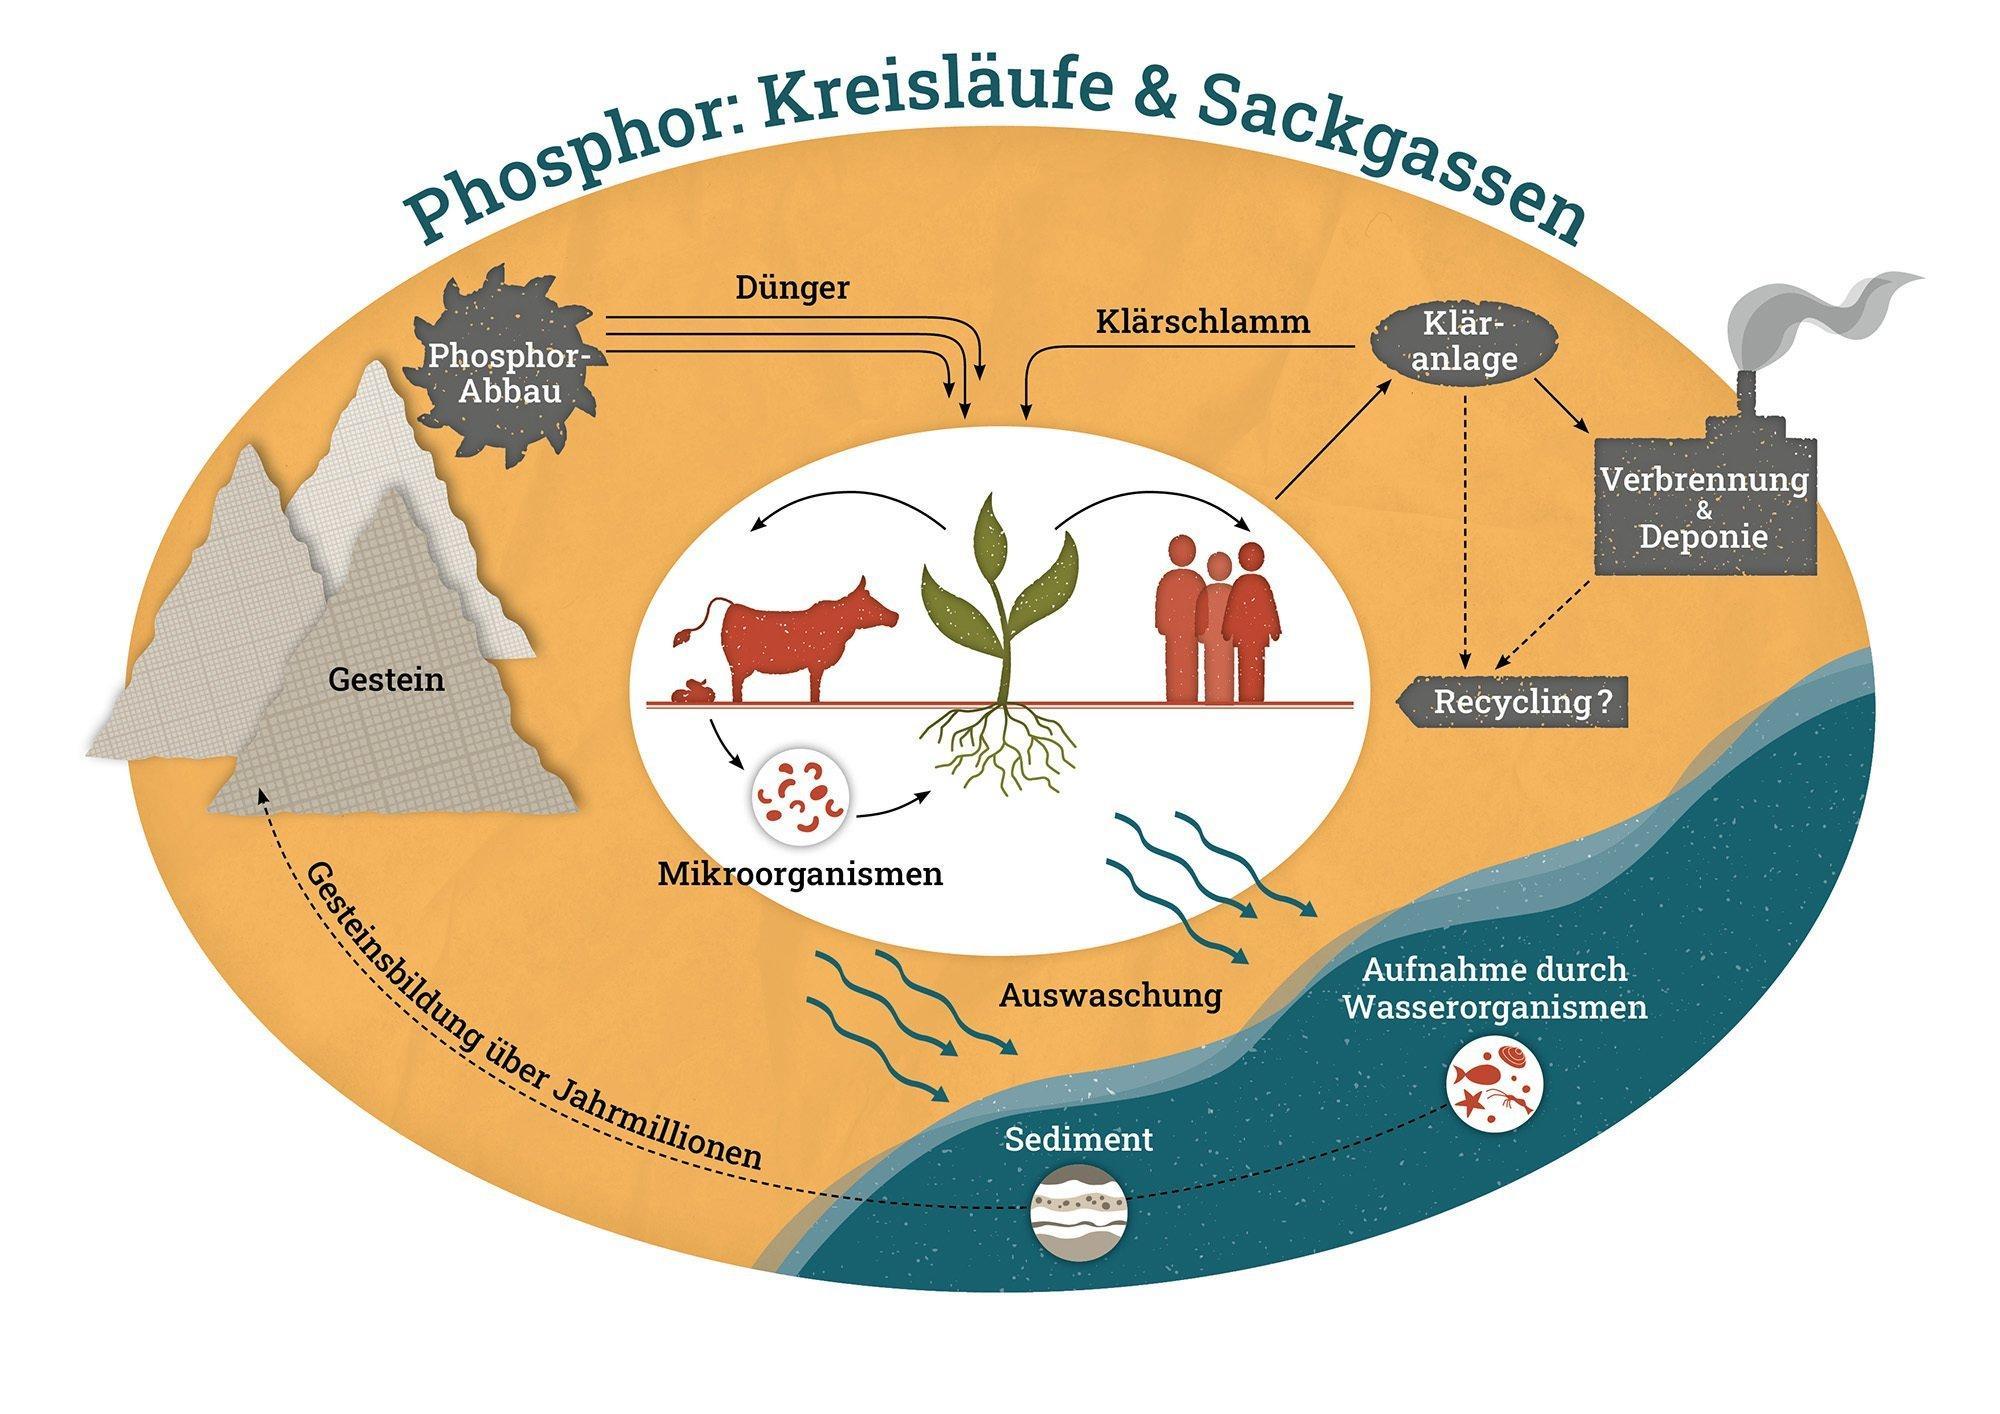 Die Abbildung zeigt den Weg des Phosphors vom Gestein in den Boden, wo er von Pflanzen und Mikroorganismen aufgenommen werden kann. Durch Auswaschung gelangt ein großer Teil in die Gewässer und sinkt dort als Sediment zu Boden. Über jahrmillionen wird aus dem Sediment wieder Gestein und der Kreislauf beginnt aufs Neue. Die Abbildung zeigt auch, wie Phosphatgestein abgebaut und als Düngemittel in der Landwirtschaft eingesetzt wird, und wie ein Teil des Phosphors über die Nahrung in den Kläranlagen landet und damit dem Kreislauf entzogen wird.